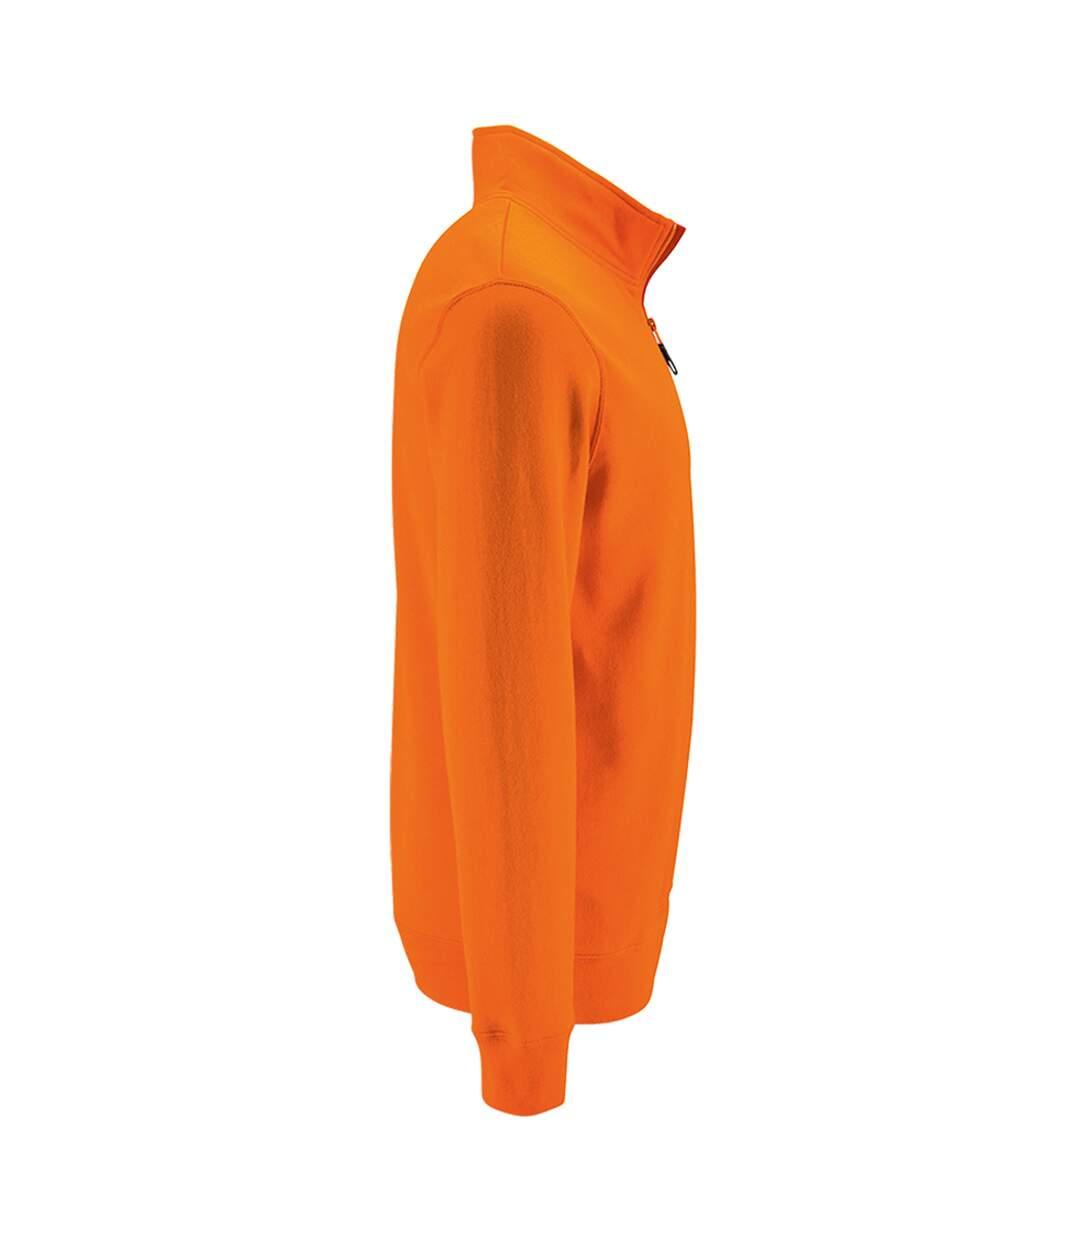 Dégagement Sols Pull Zippé Stan Homme Orange UTPC3172 dsf.d455nksdKLFHG